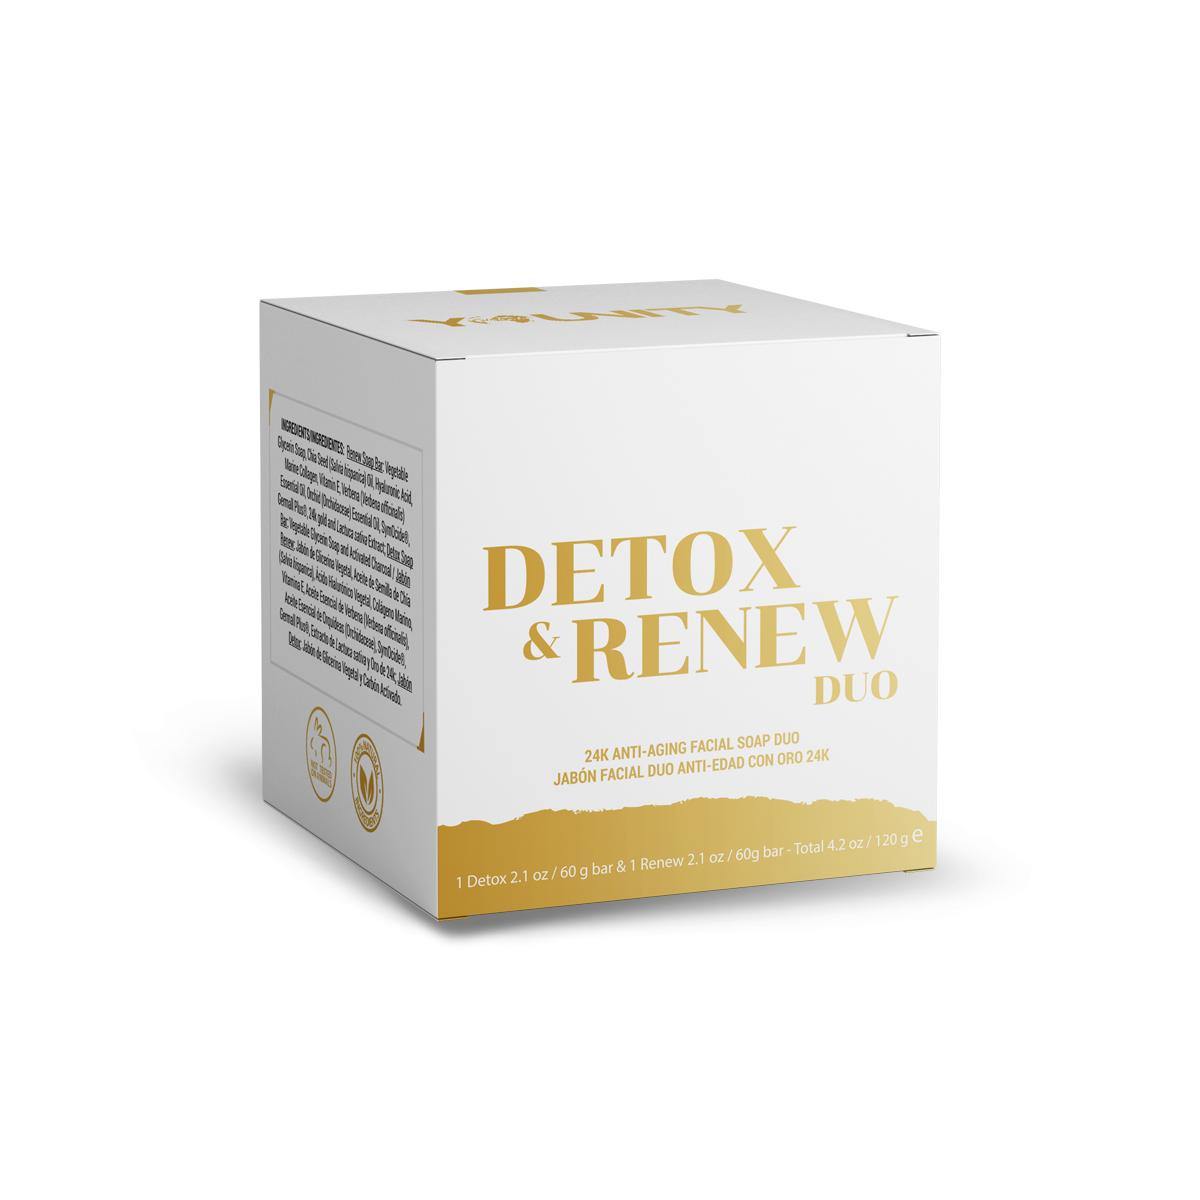 detox-&-renew